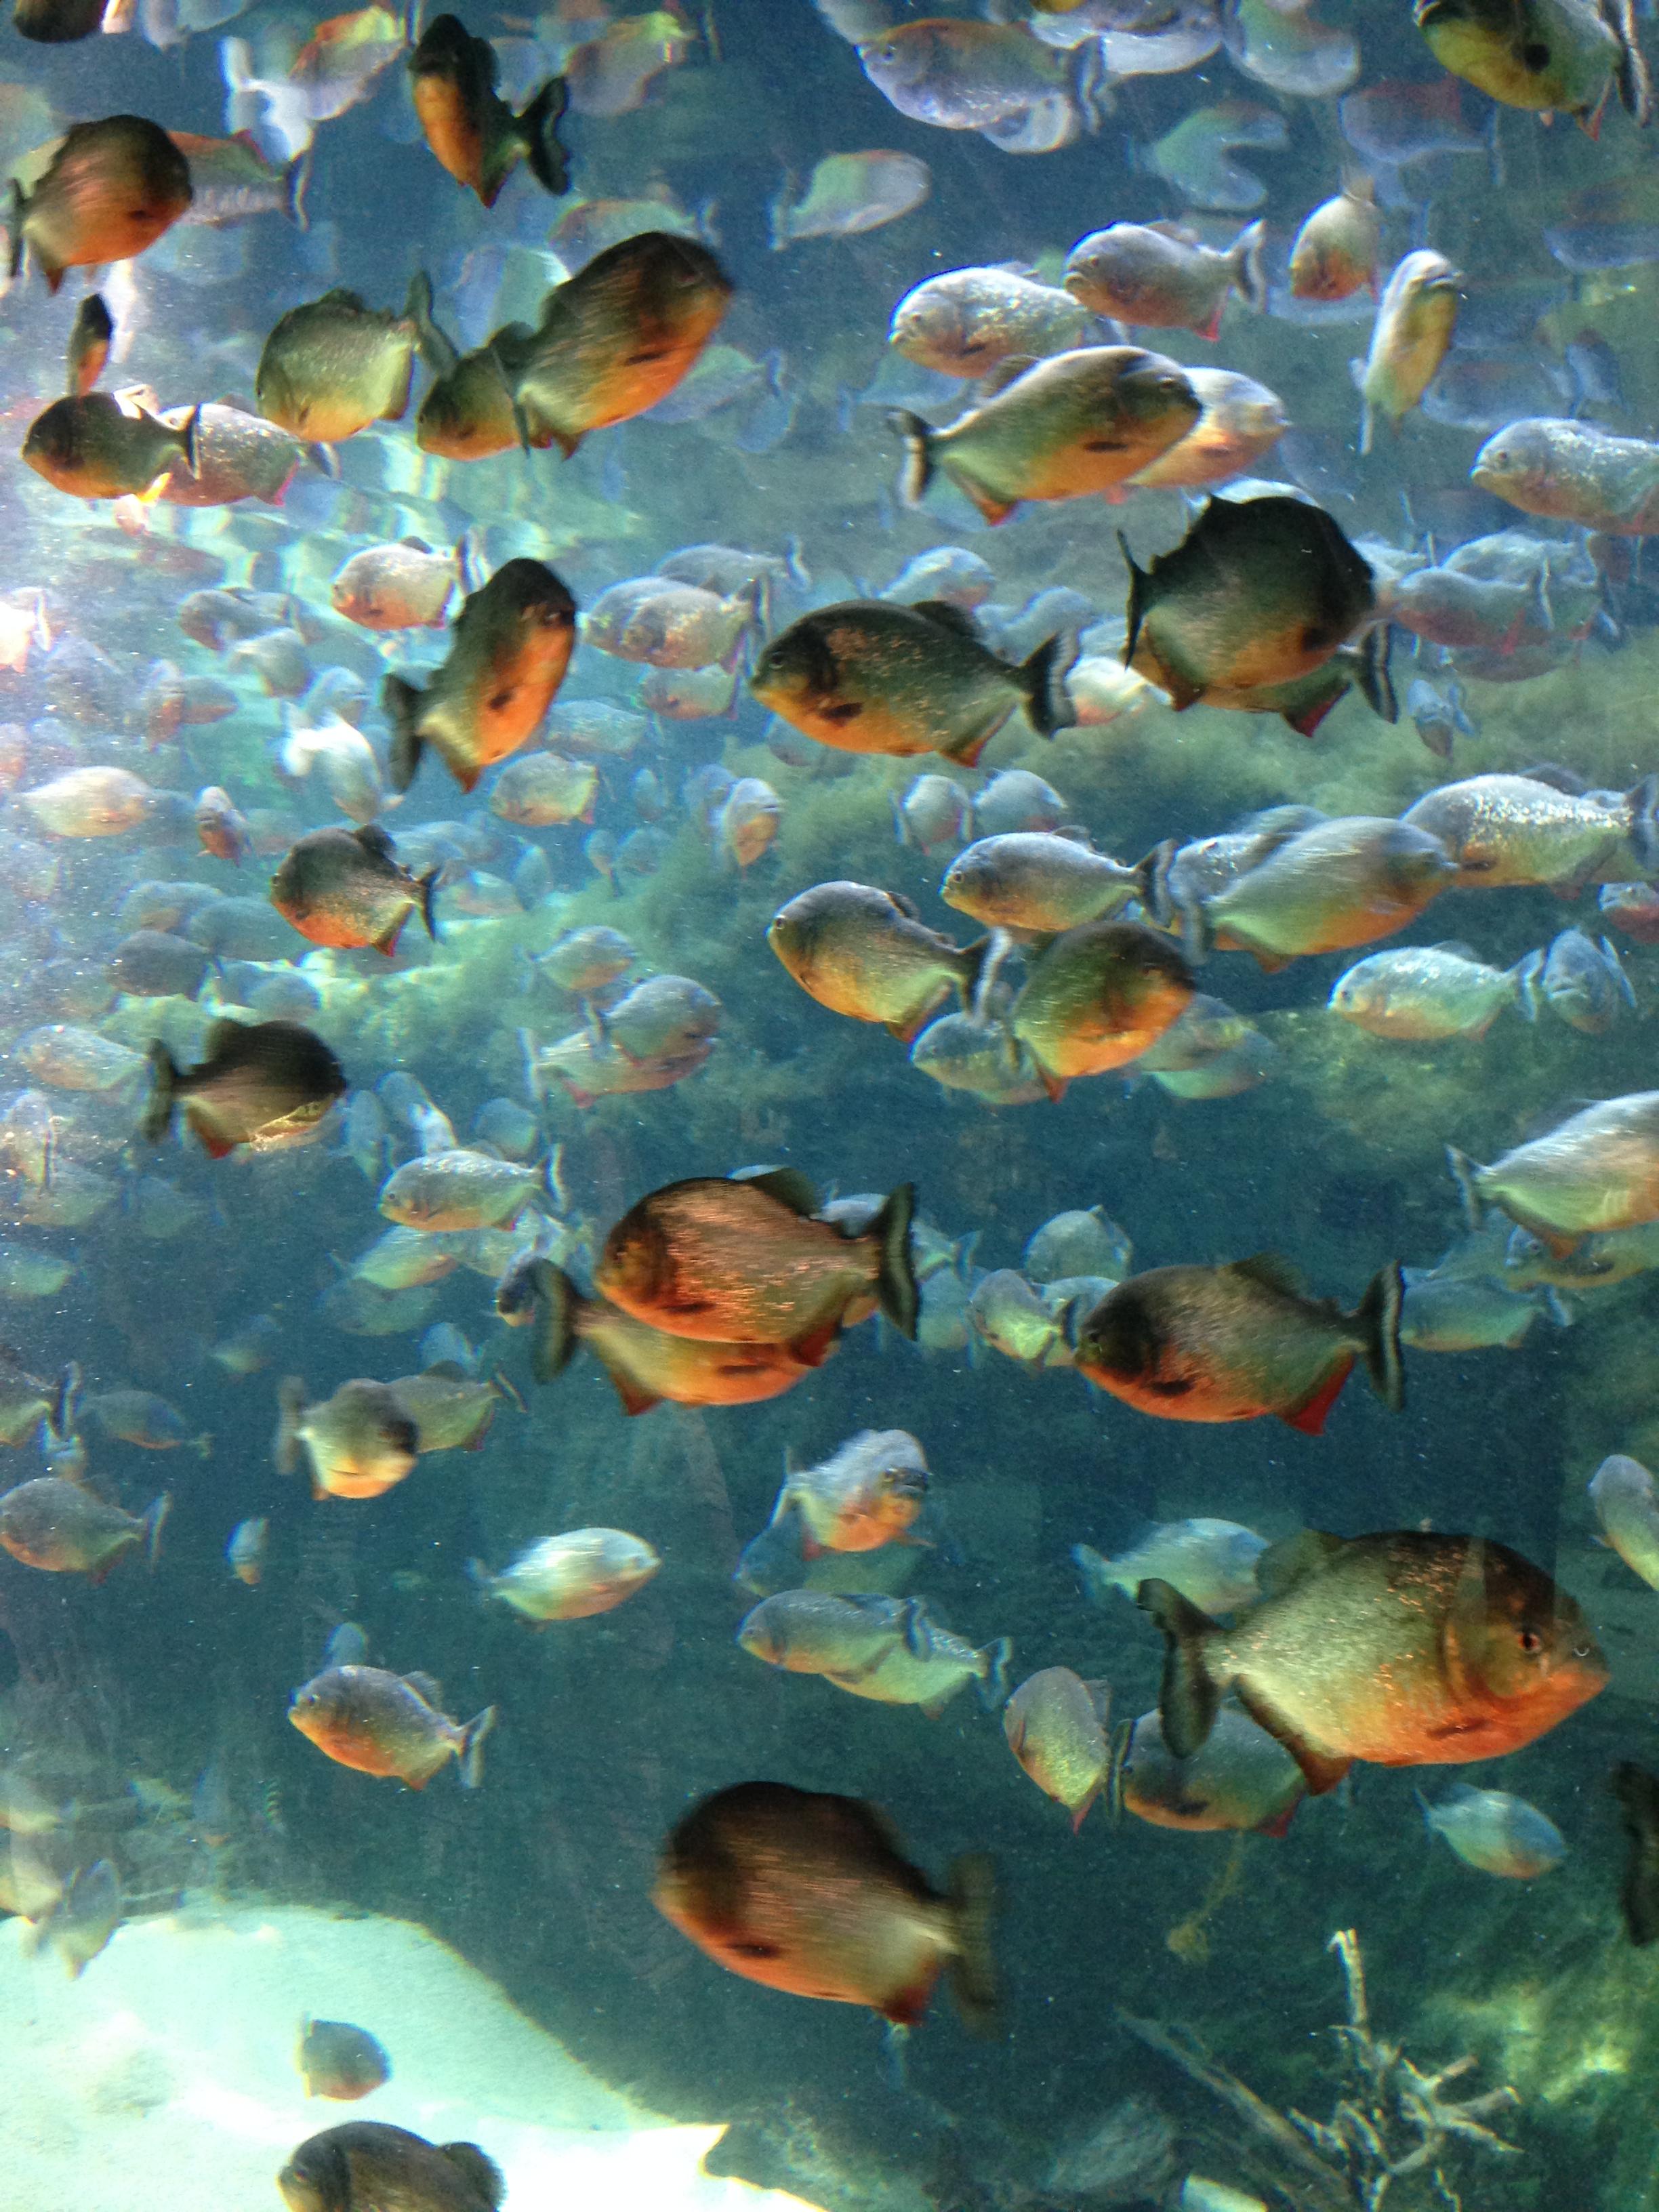 Aquarium_Piranhabecken